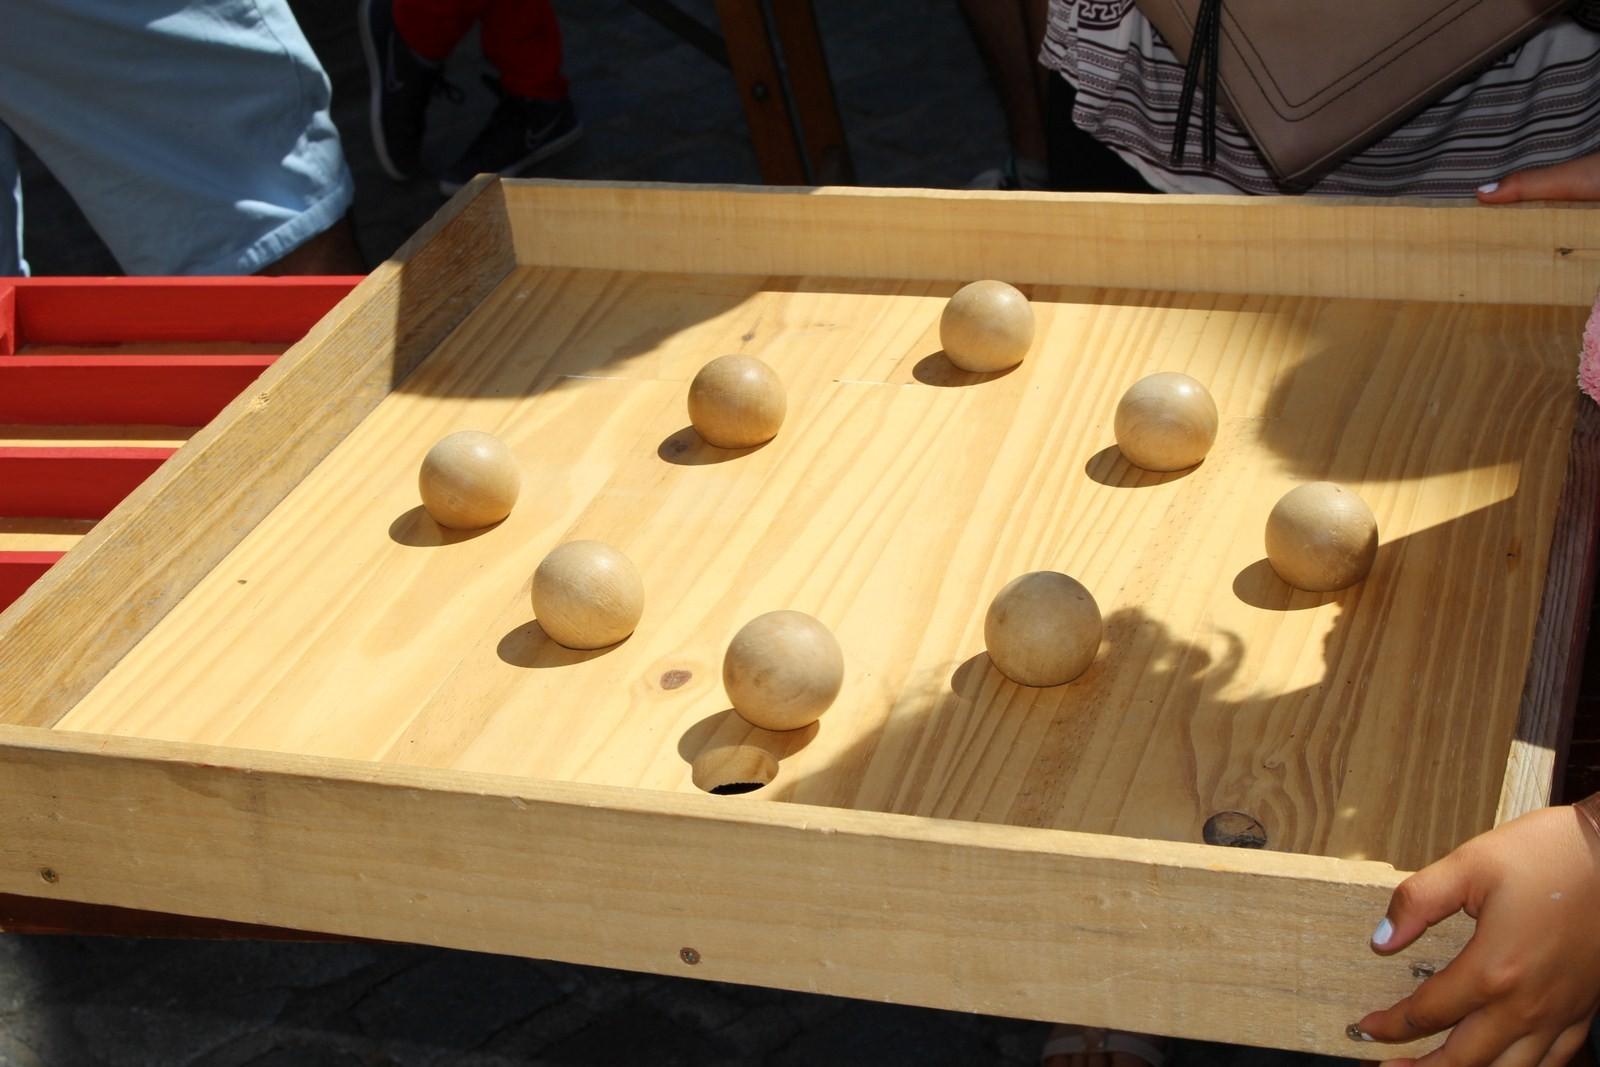 Un jeu d'équilibre où chaque boule doit rentrer dans un trou